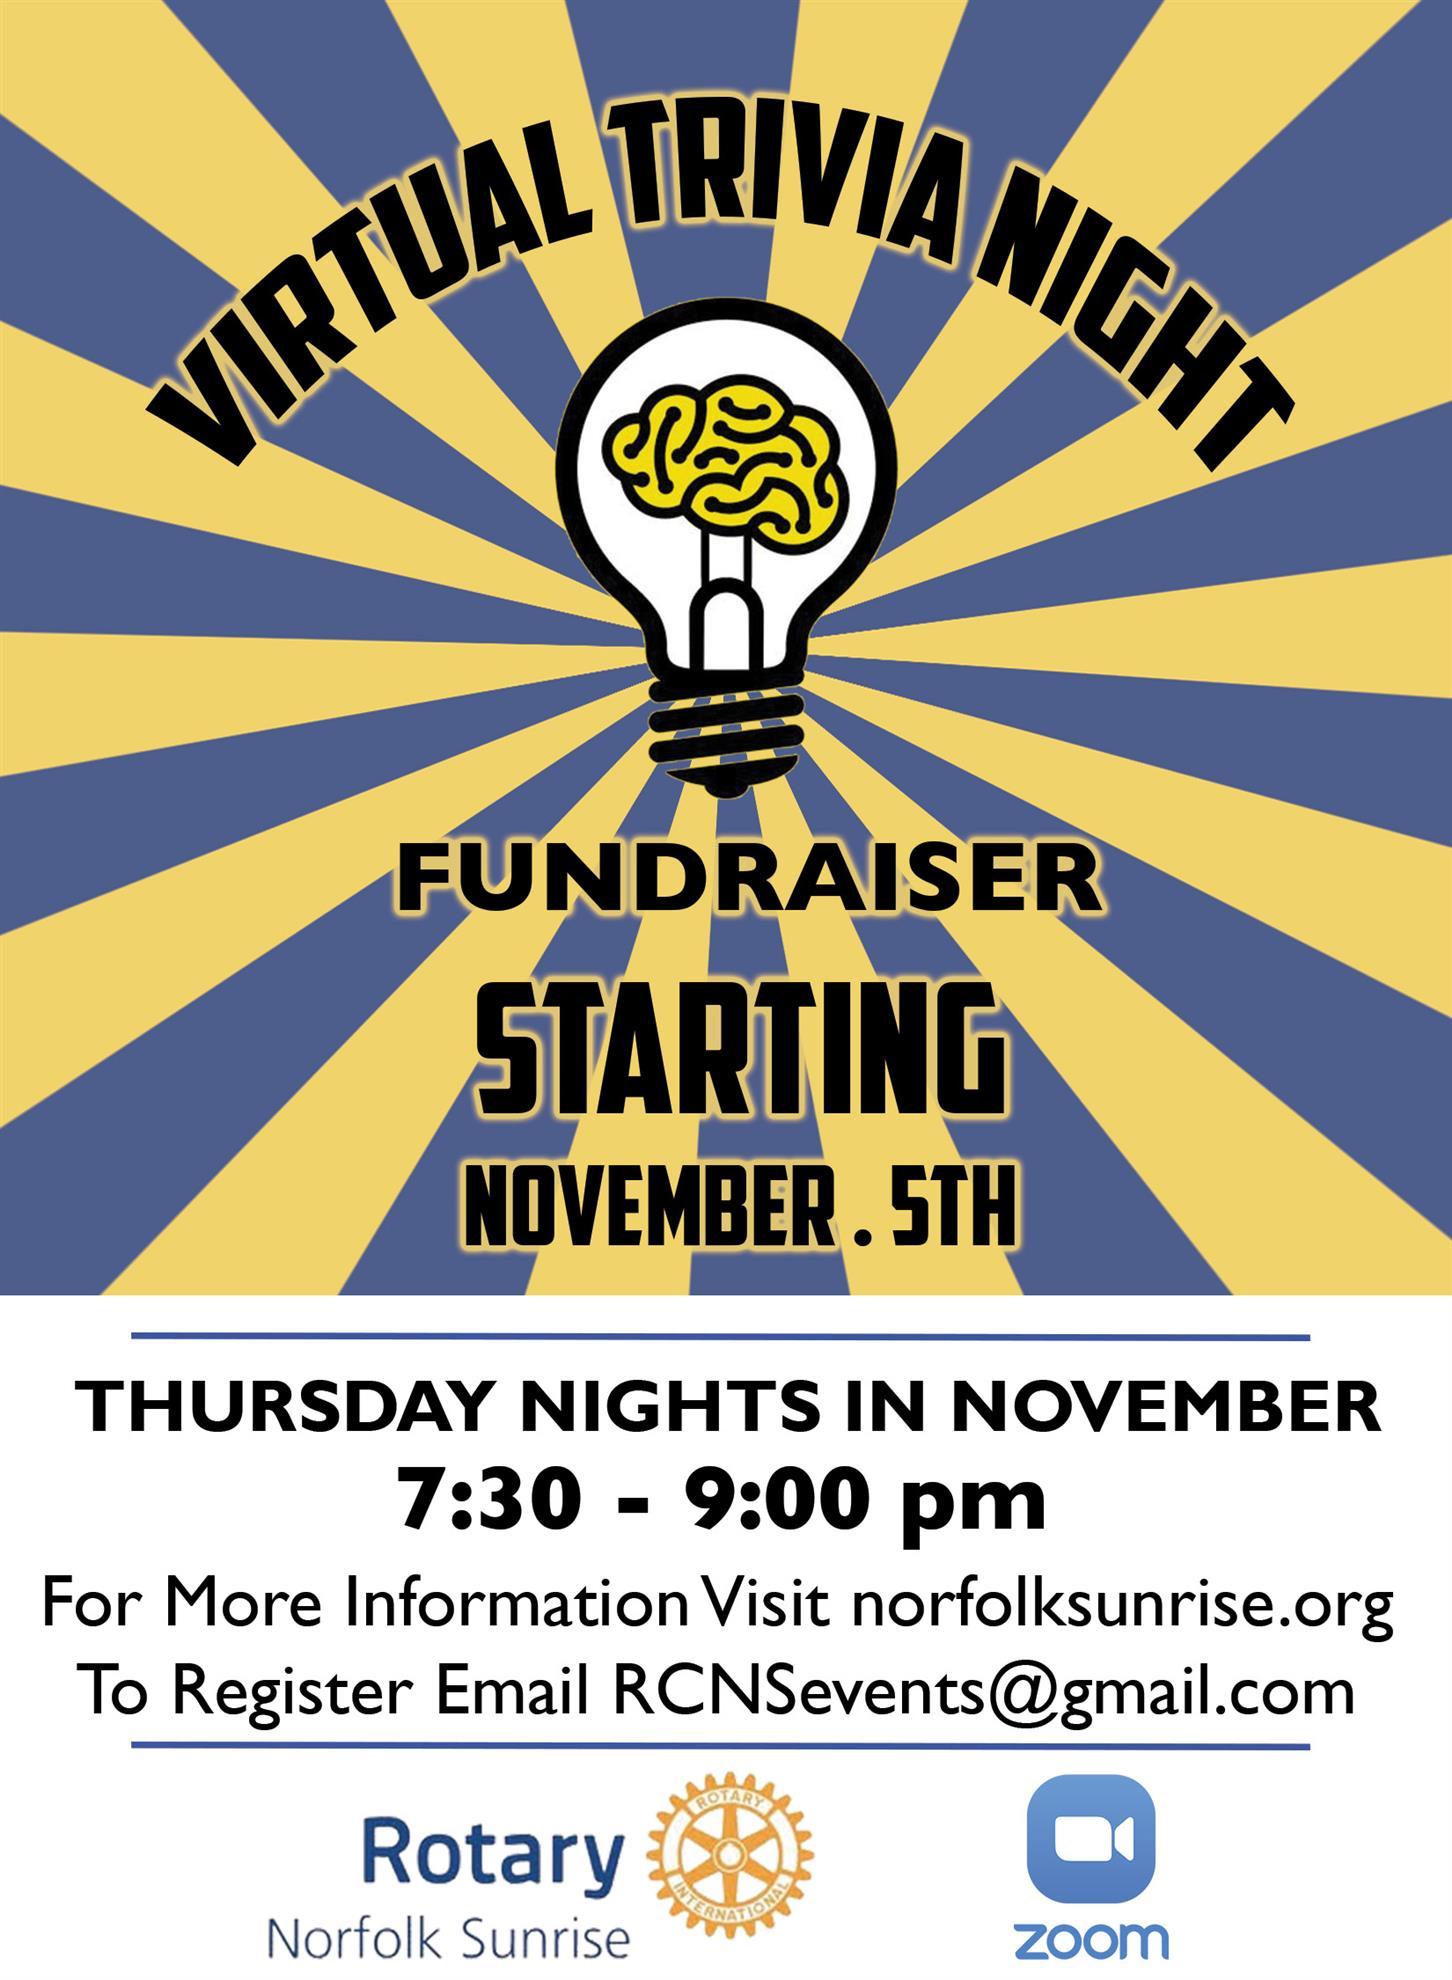 November-Rotary-triva-poster.jpg